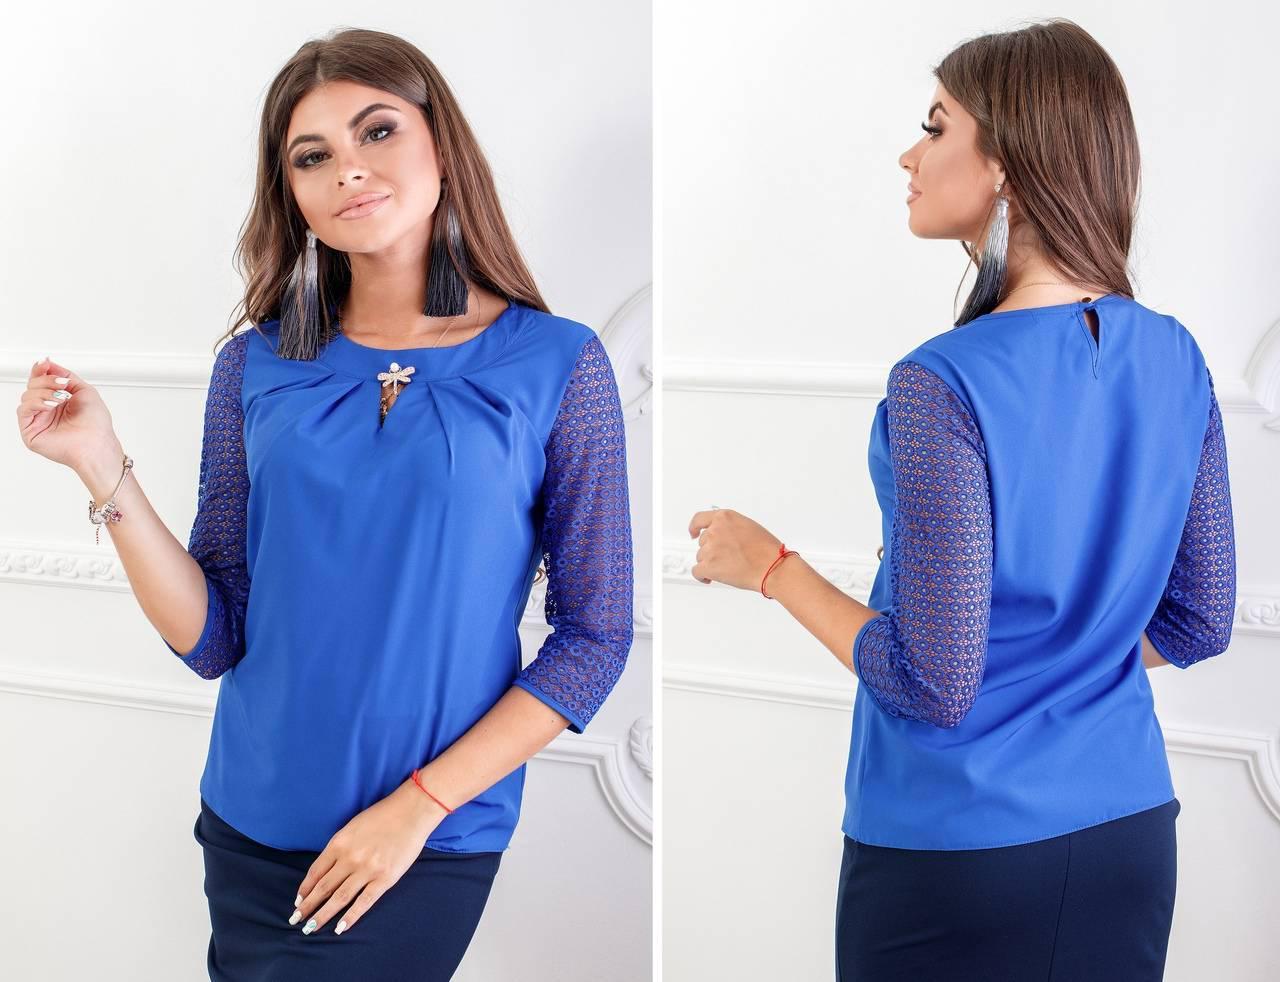 Блузка с брошью и кружевными рукавами ( арт.122),ткань бенгалин+кружево, цвет электрик